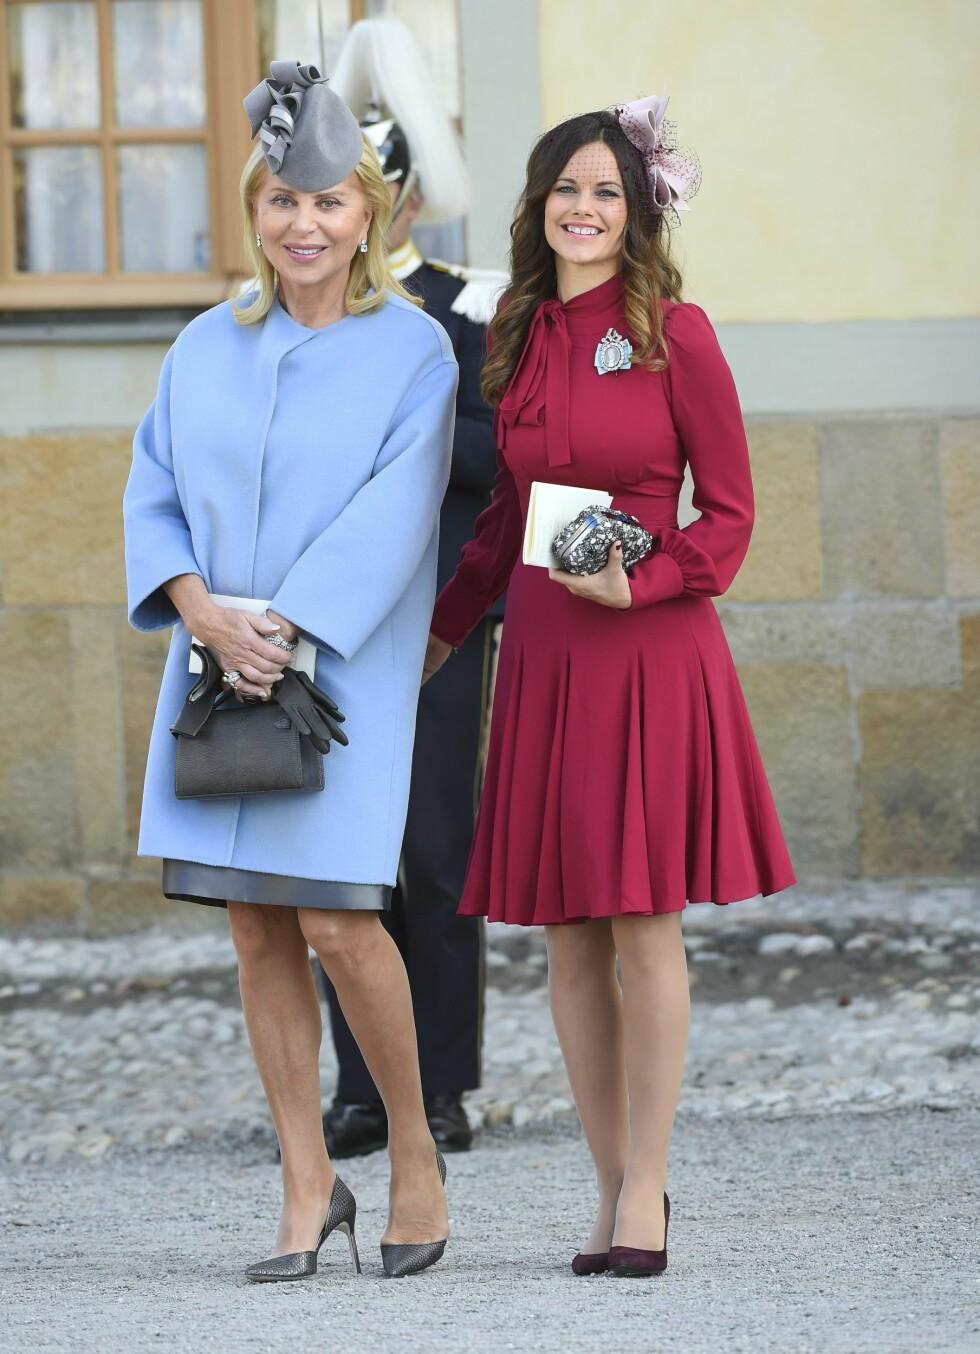 <strong>GRAVID:</strong> Prinsesse Sofia av Sverige med prinsesse Madeleines svigermor Eva Maria O'Neill utenfor Drottningholm slott i Stockholm. Prinsessen strålte i et rødt antrekk da tantebarnet prins Nicolas ble døpt. Hun er selv gravid med sitt første barn. Foto: NTB Scanpix